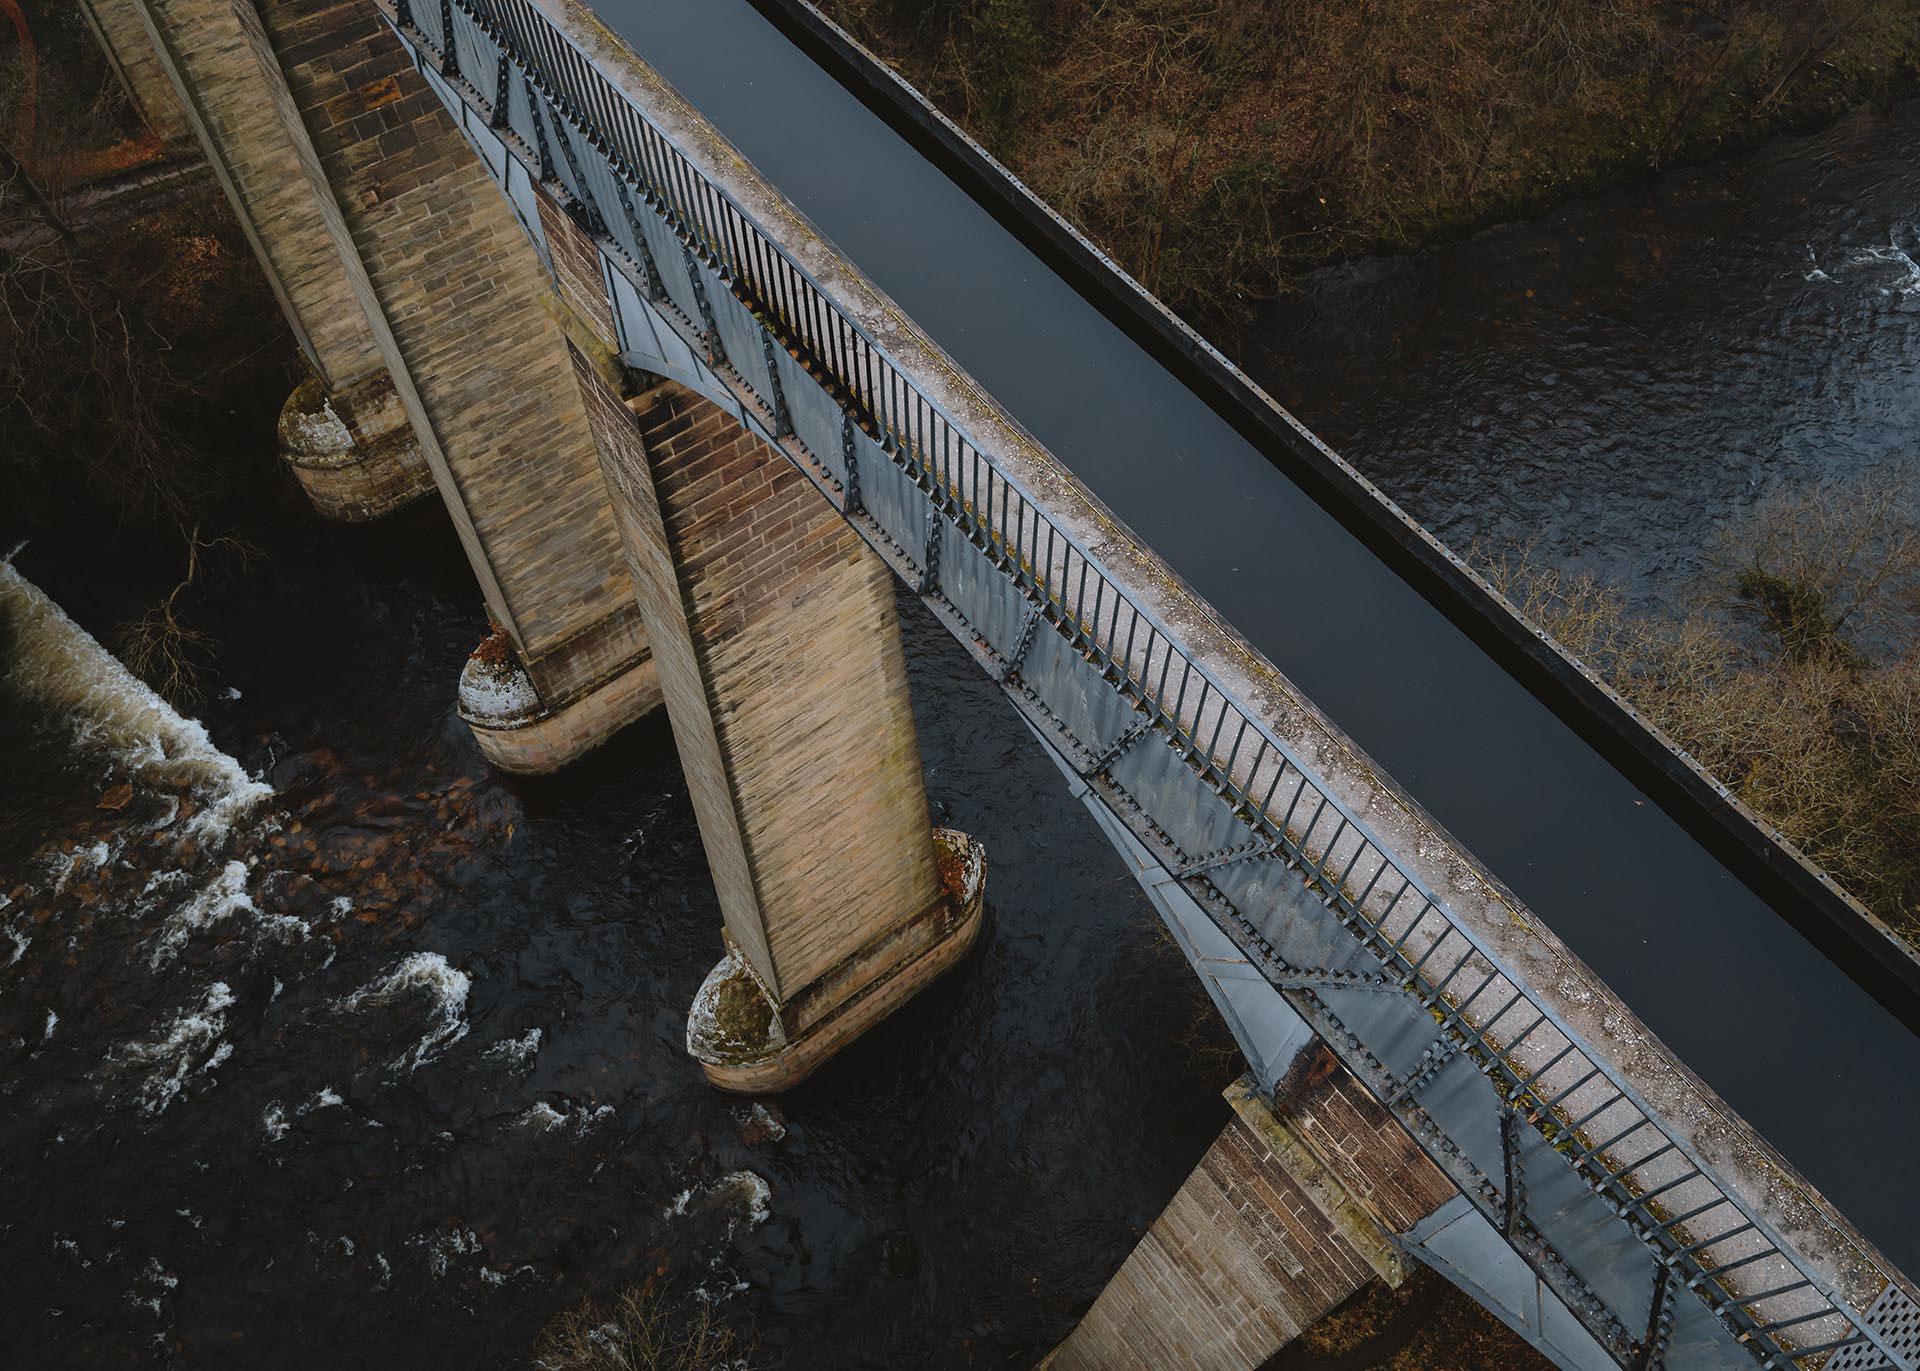 126 troedfedd o daldra, tyrau dyfrbont ddŵr Pontcysyllte dros Afon Dyfrdwy / 126 foot tall, the Pontcysyllte aqueduct towers over the River Dee